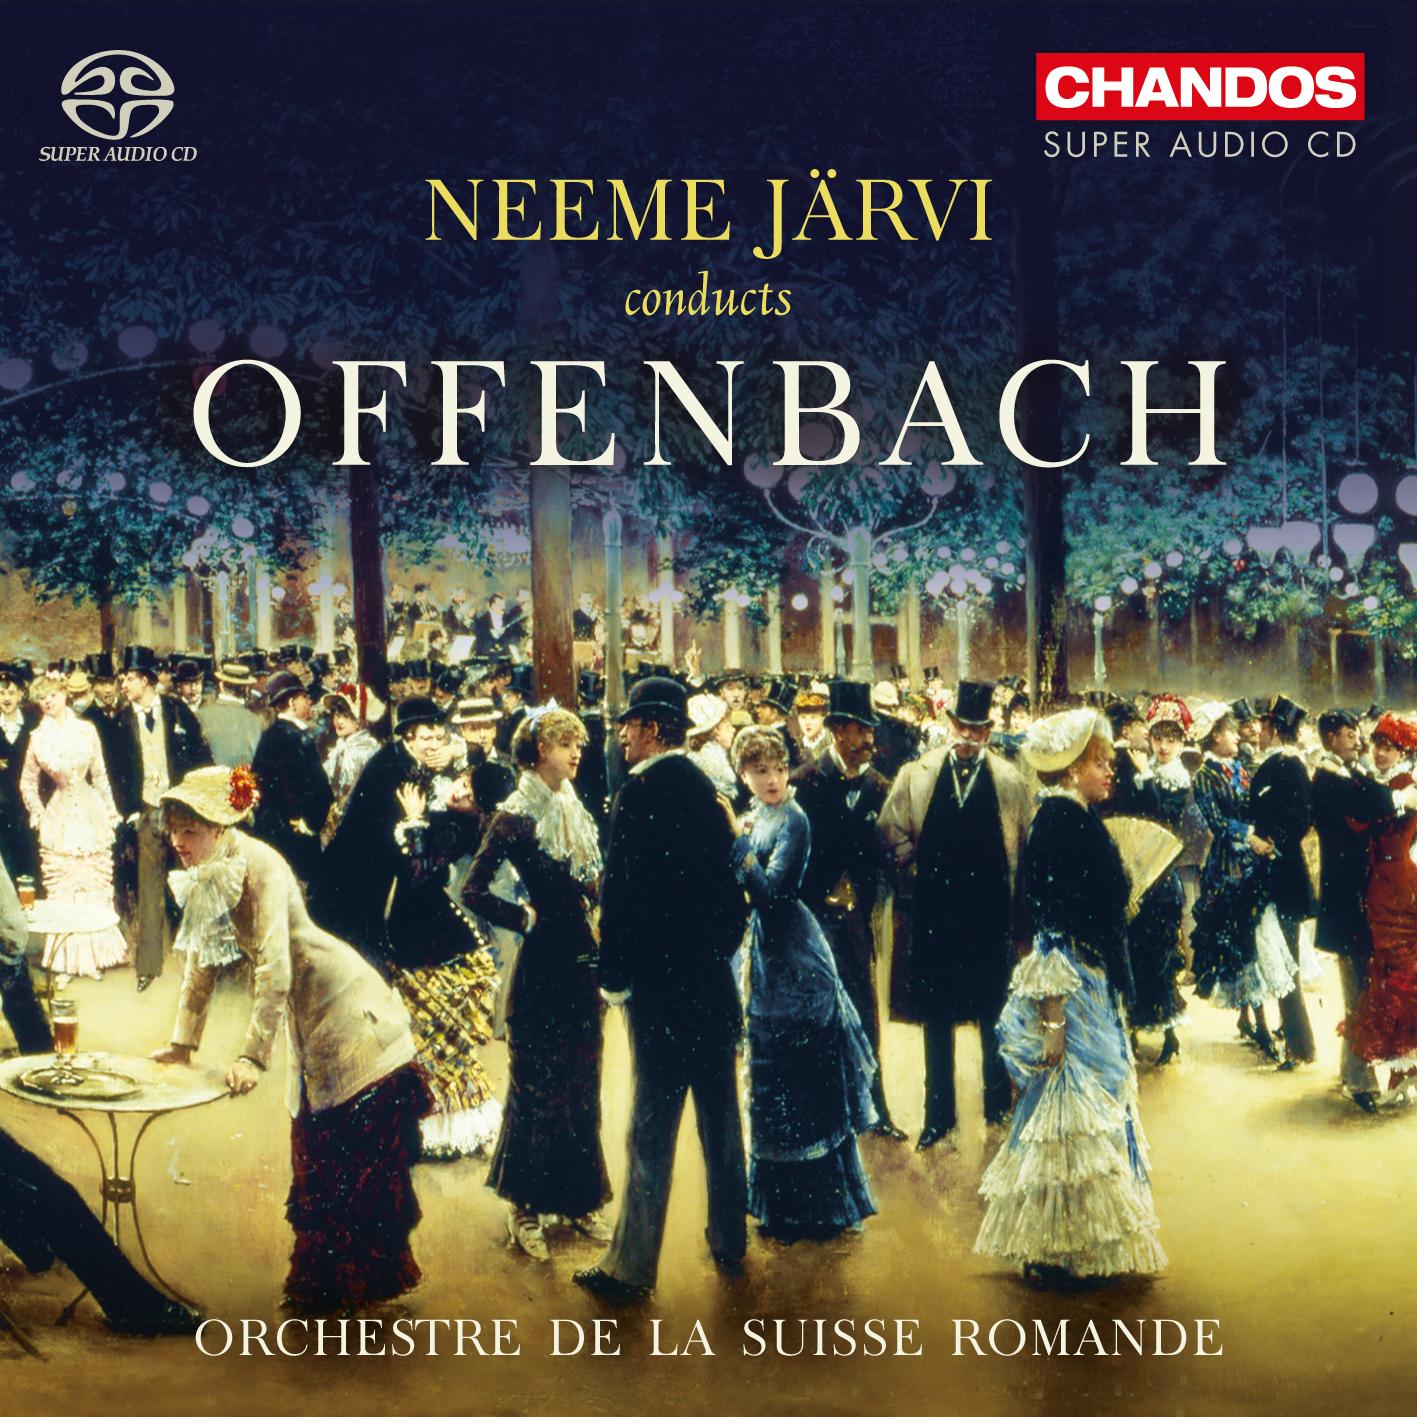 partnersuche sie dating er offenbach sucht  Offenbach Dating - Offenbach dating - Chaos en Orde.